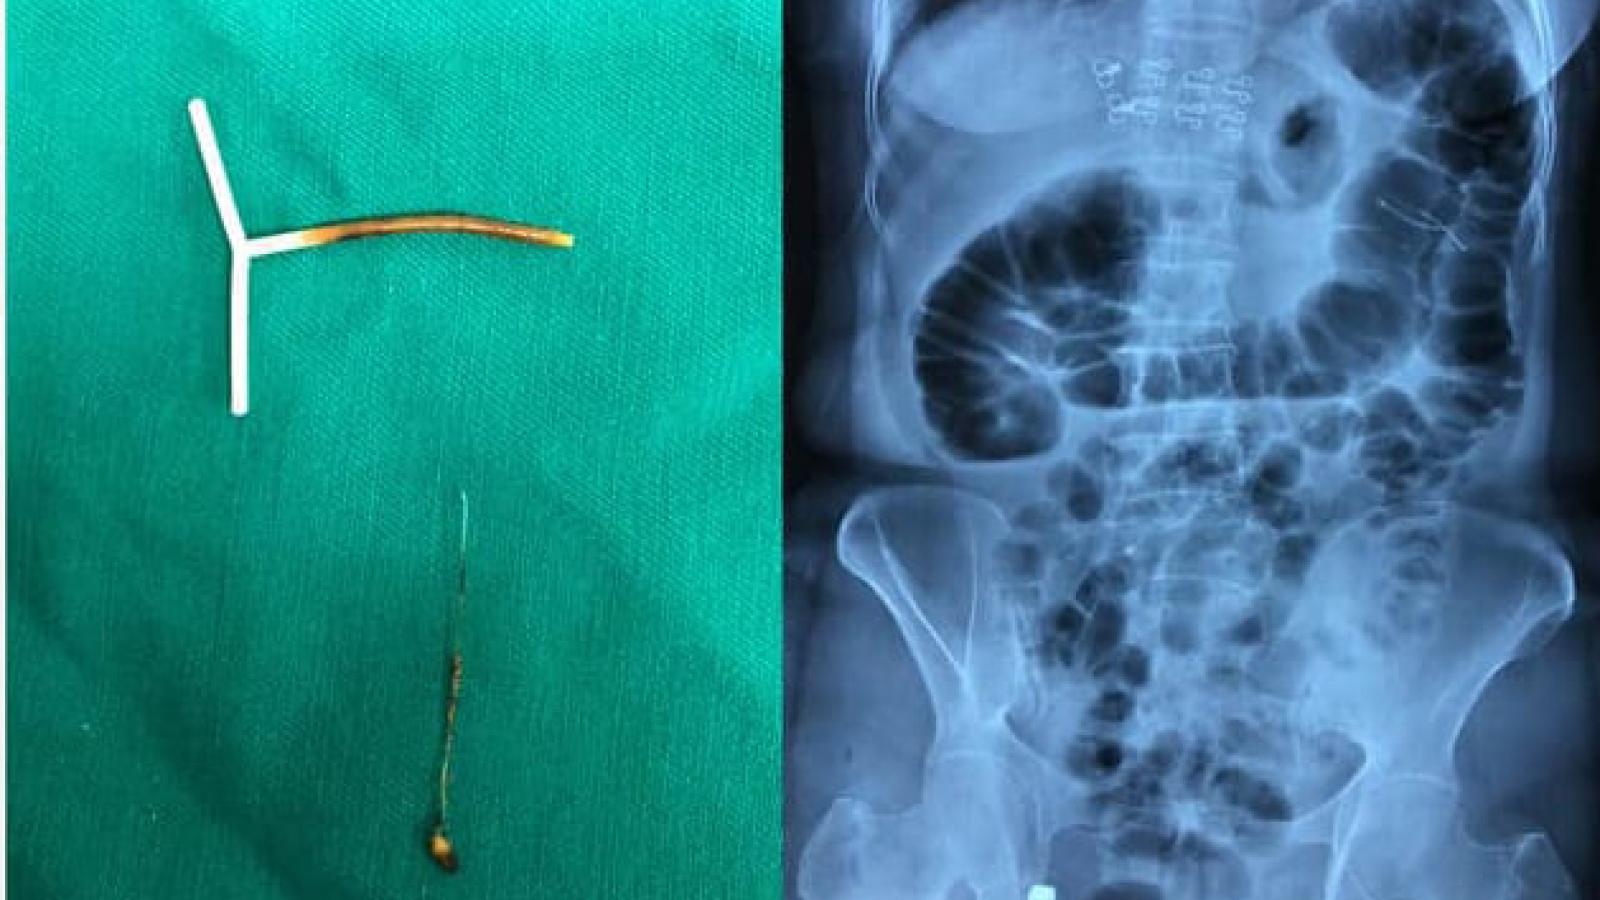 Phát hiện dị vật vòng tránh thai mắc, xuyên thủng đại tràng bệnh nhân